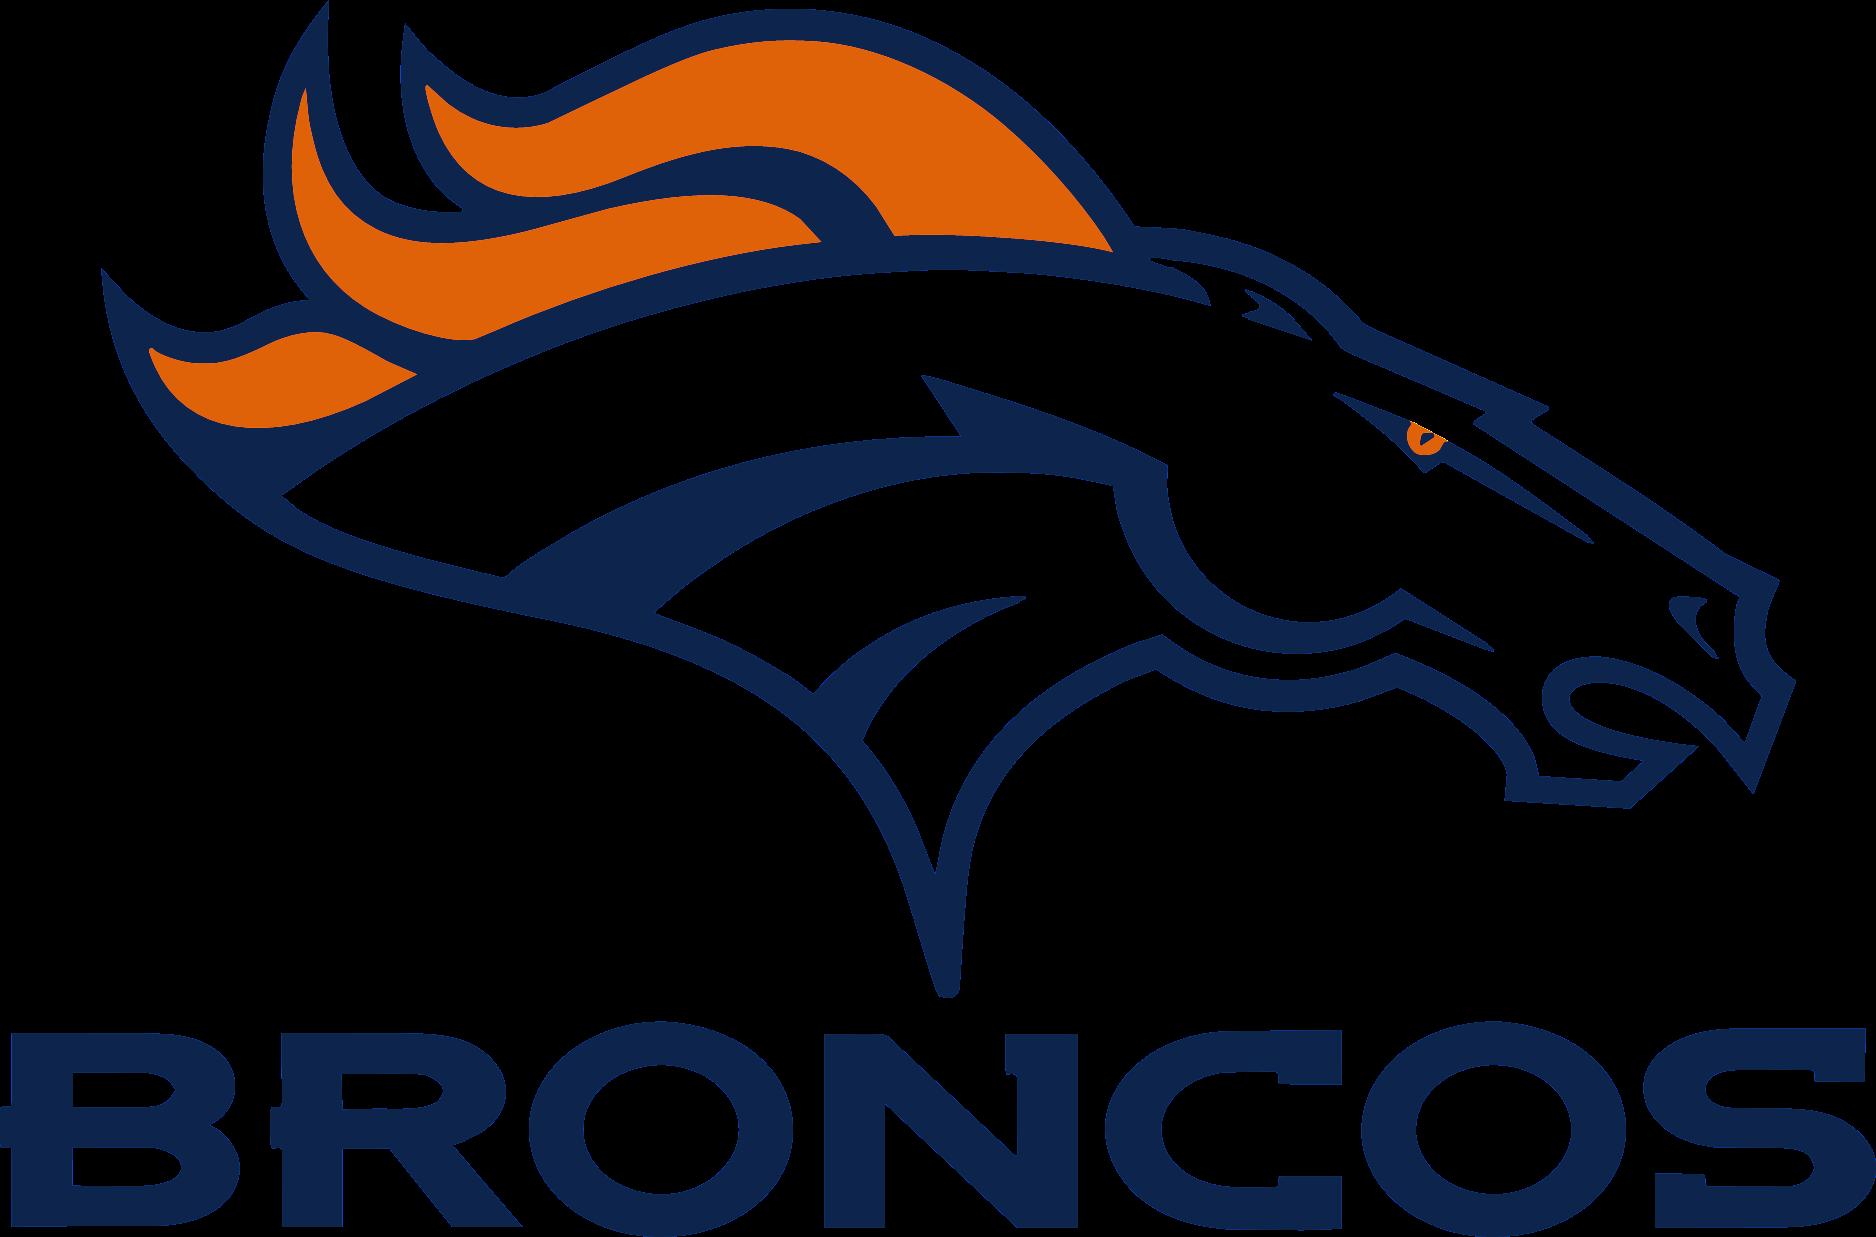 Denver Broncos PNG - 1482